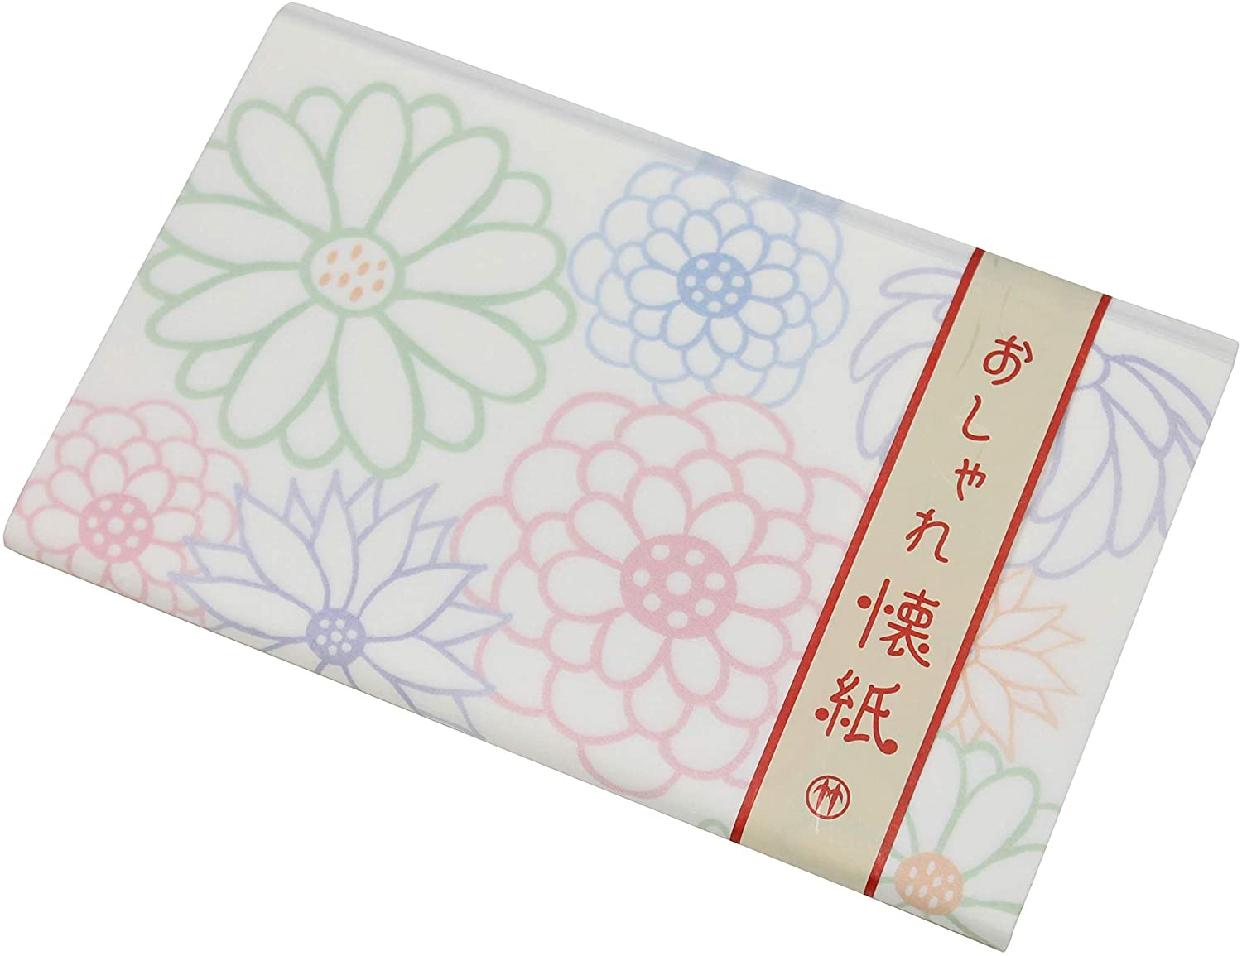 クロチク おしゃれ懐紙 菊 白の商品画像2